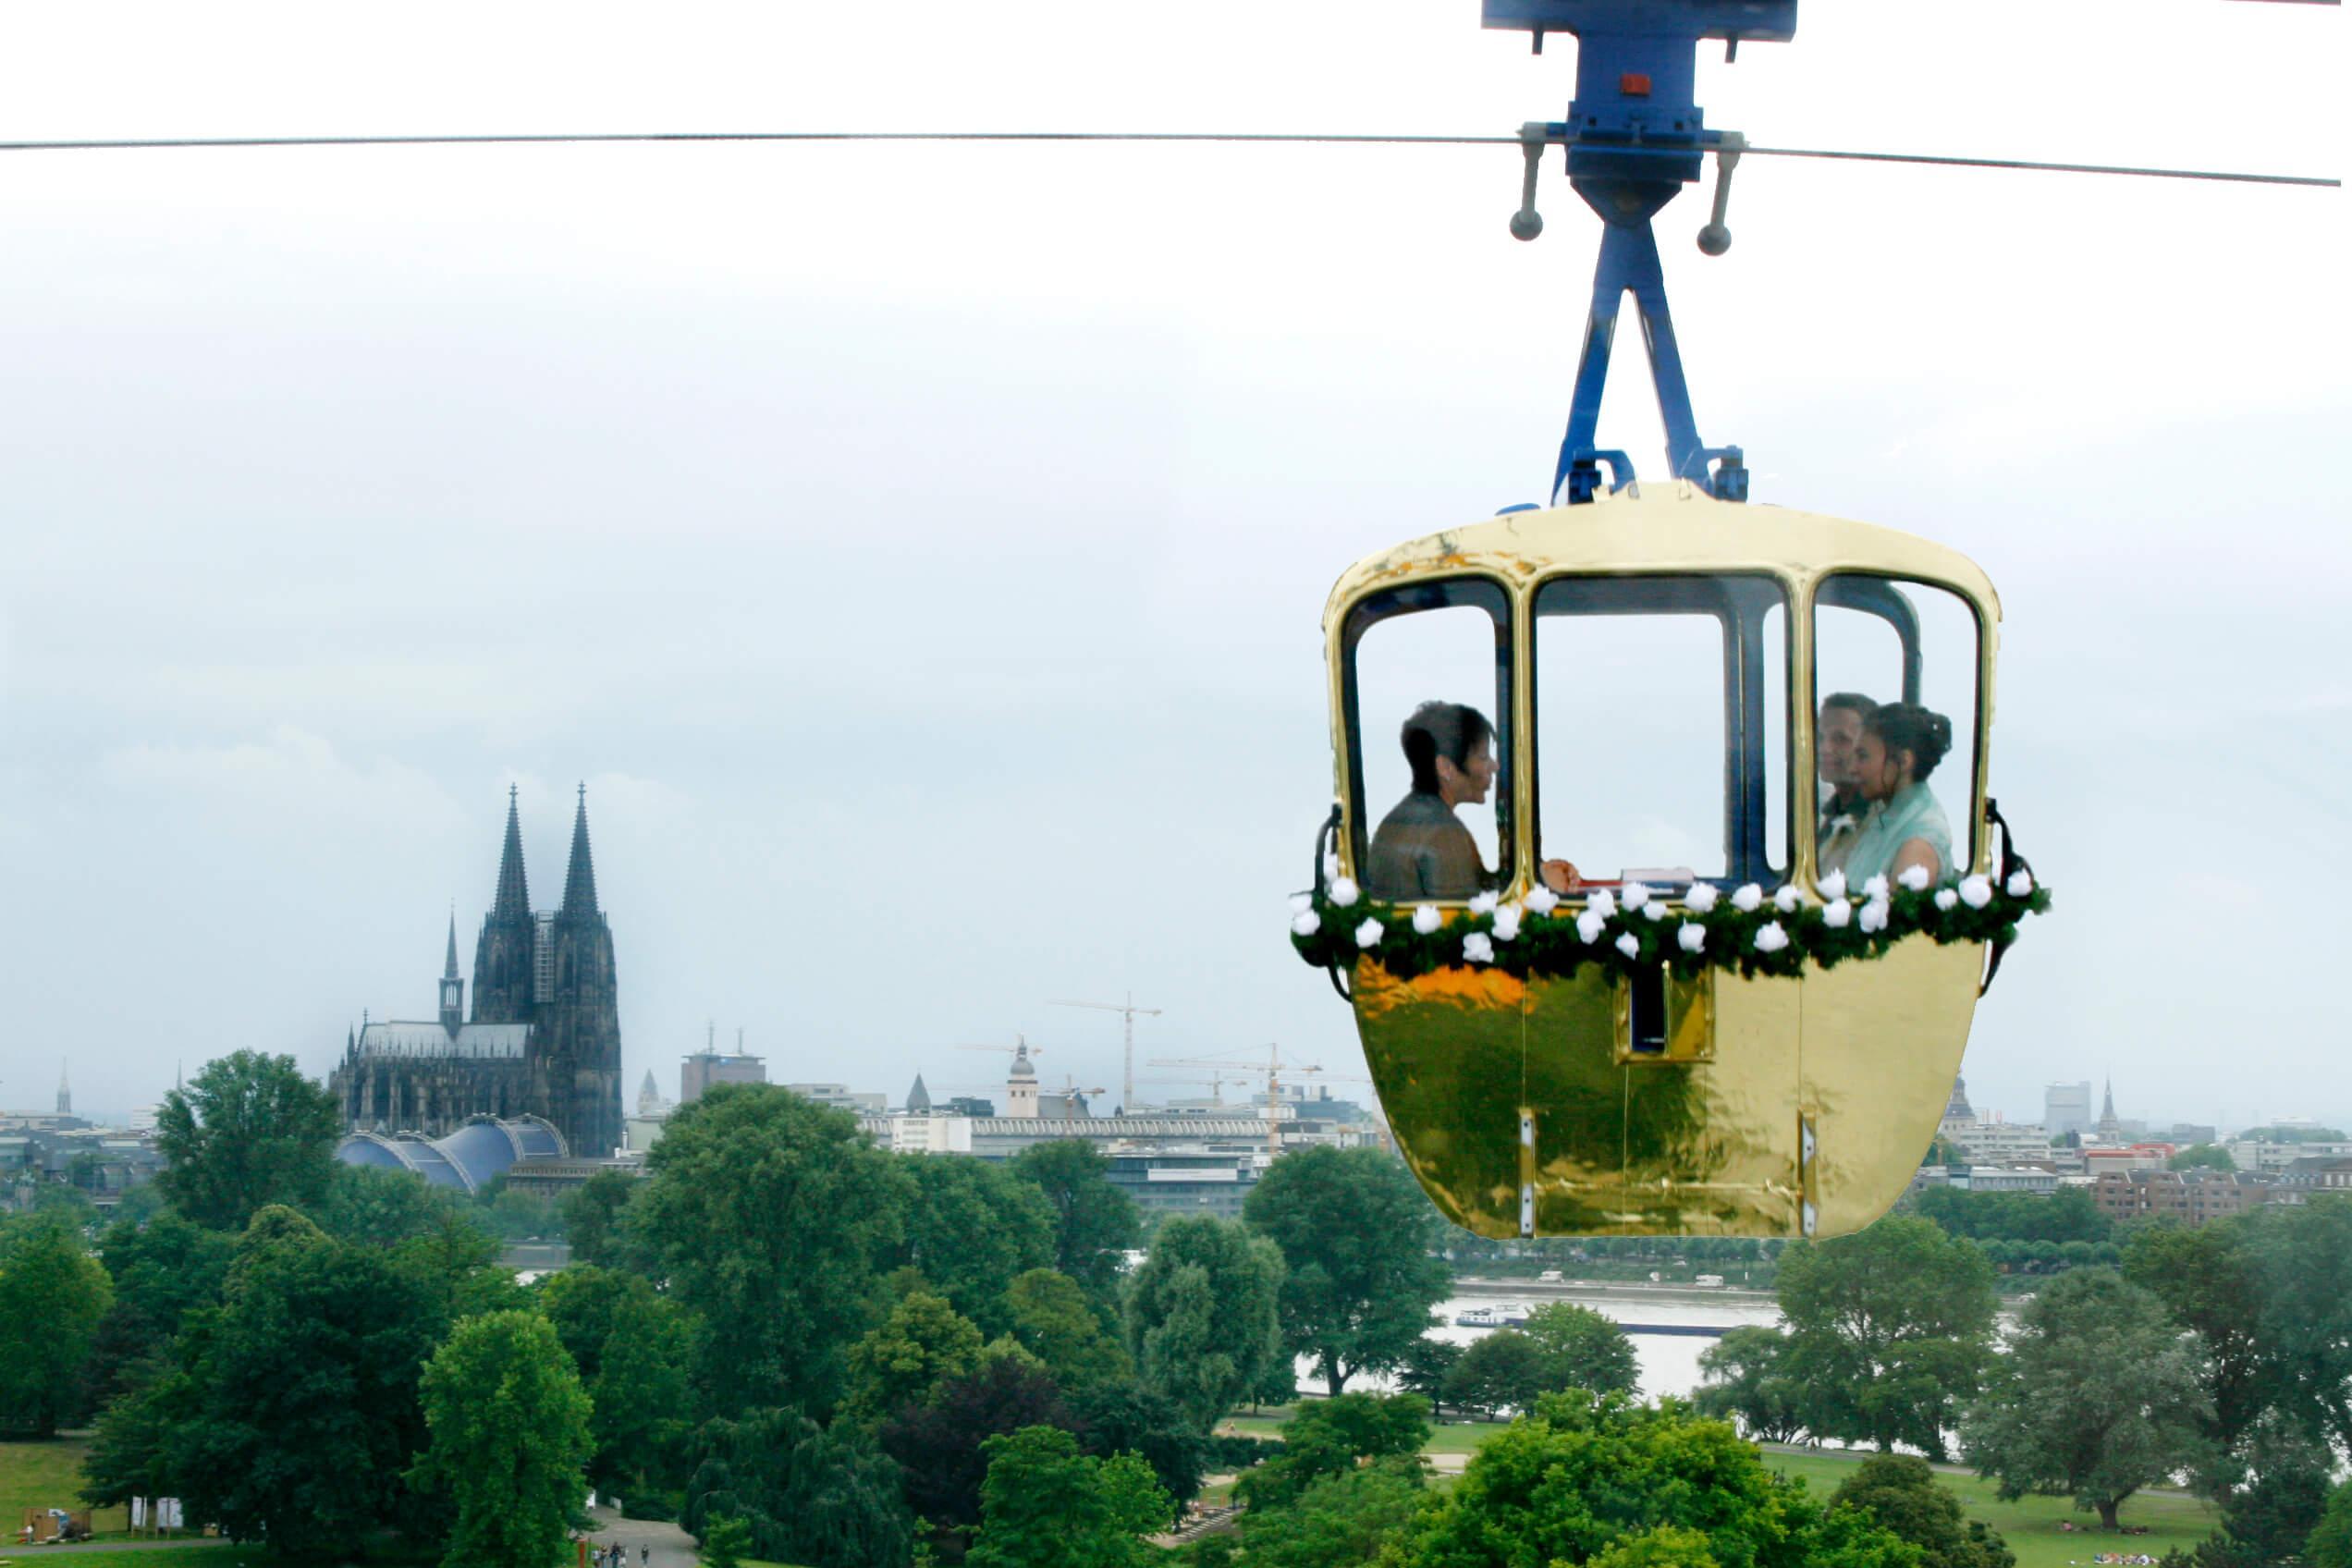 Trauung in der Kölner Seilbahn-weddix